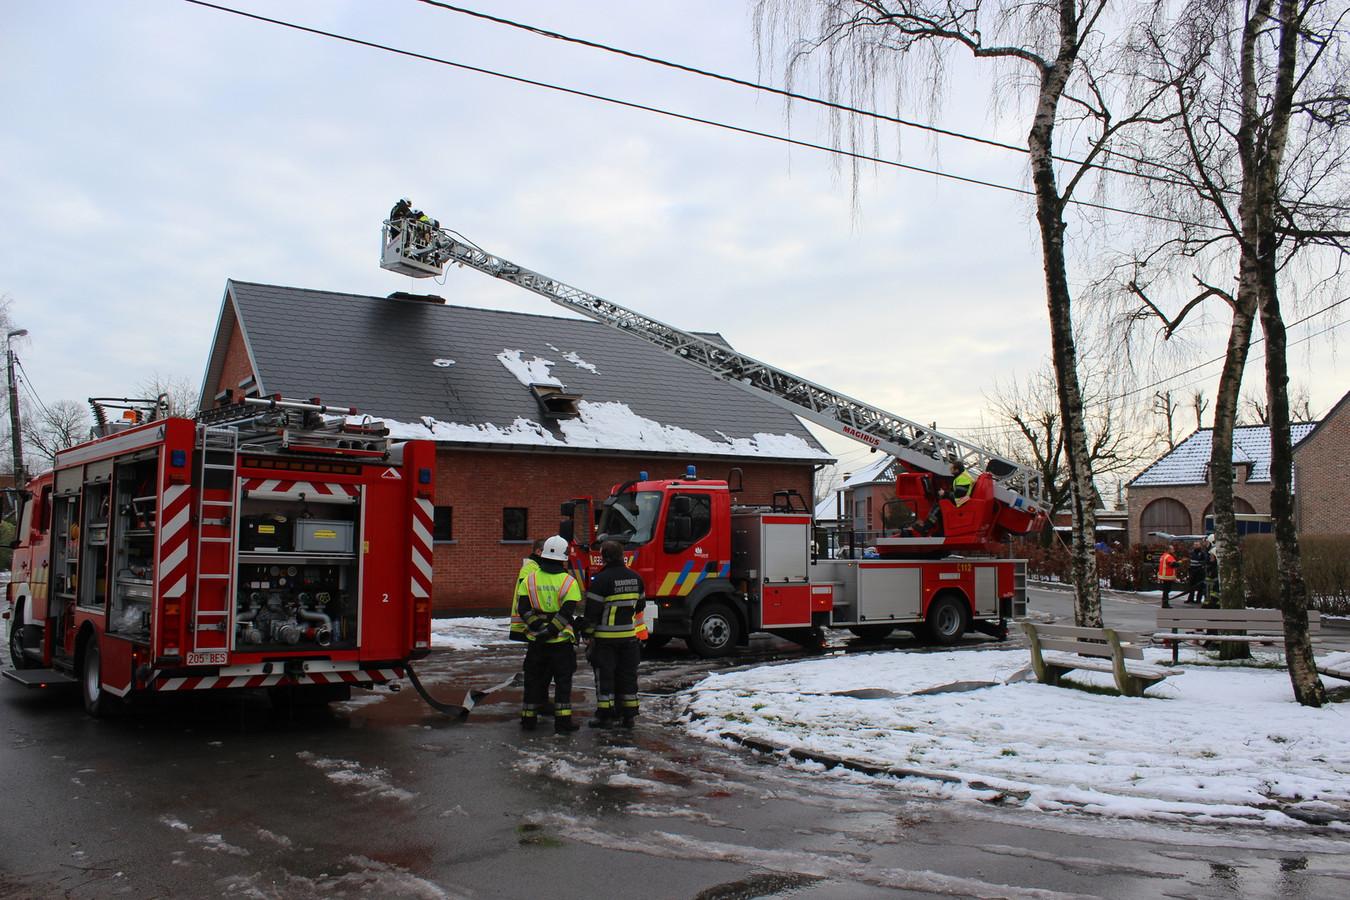 De brandweer controleert het dak van kinderdagverblijf Miki nadat er brand ontstond.